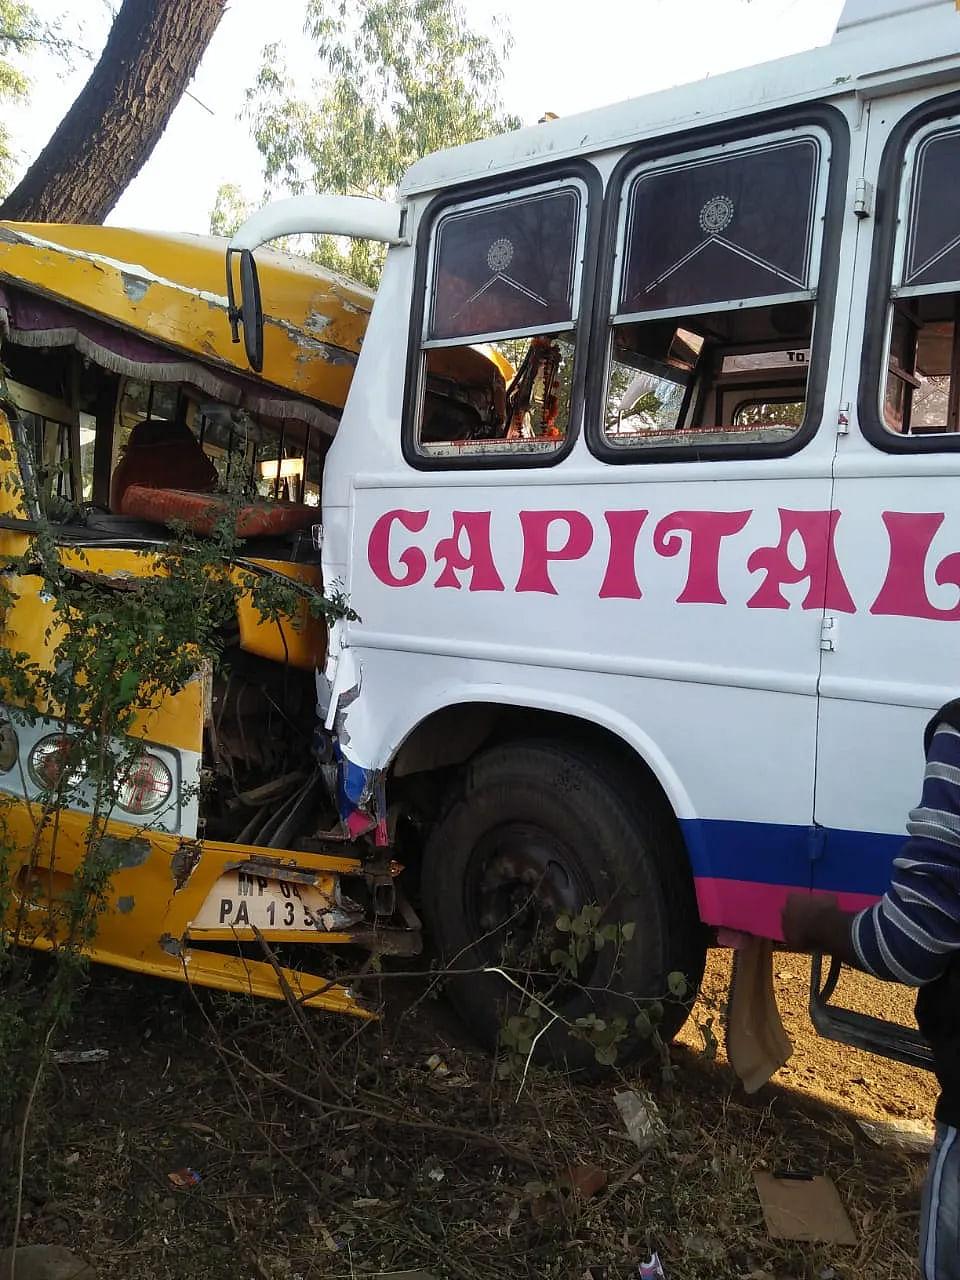 बंगरसिया में सवारी बस और वैष्णवी कॉलेज की बस में हुई थी भिड़ंत